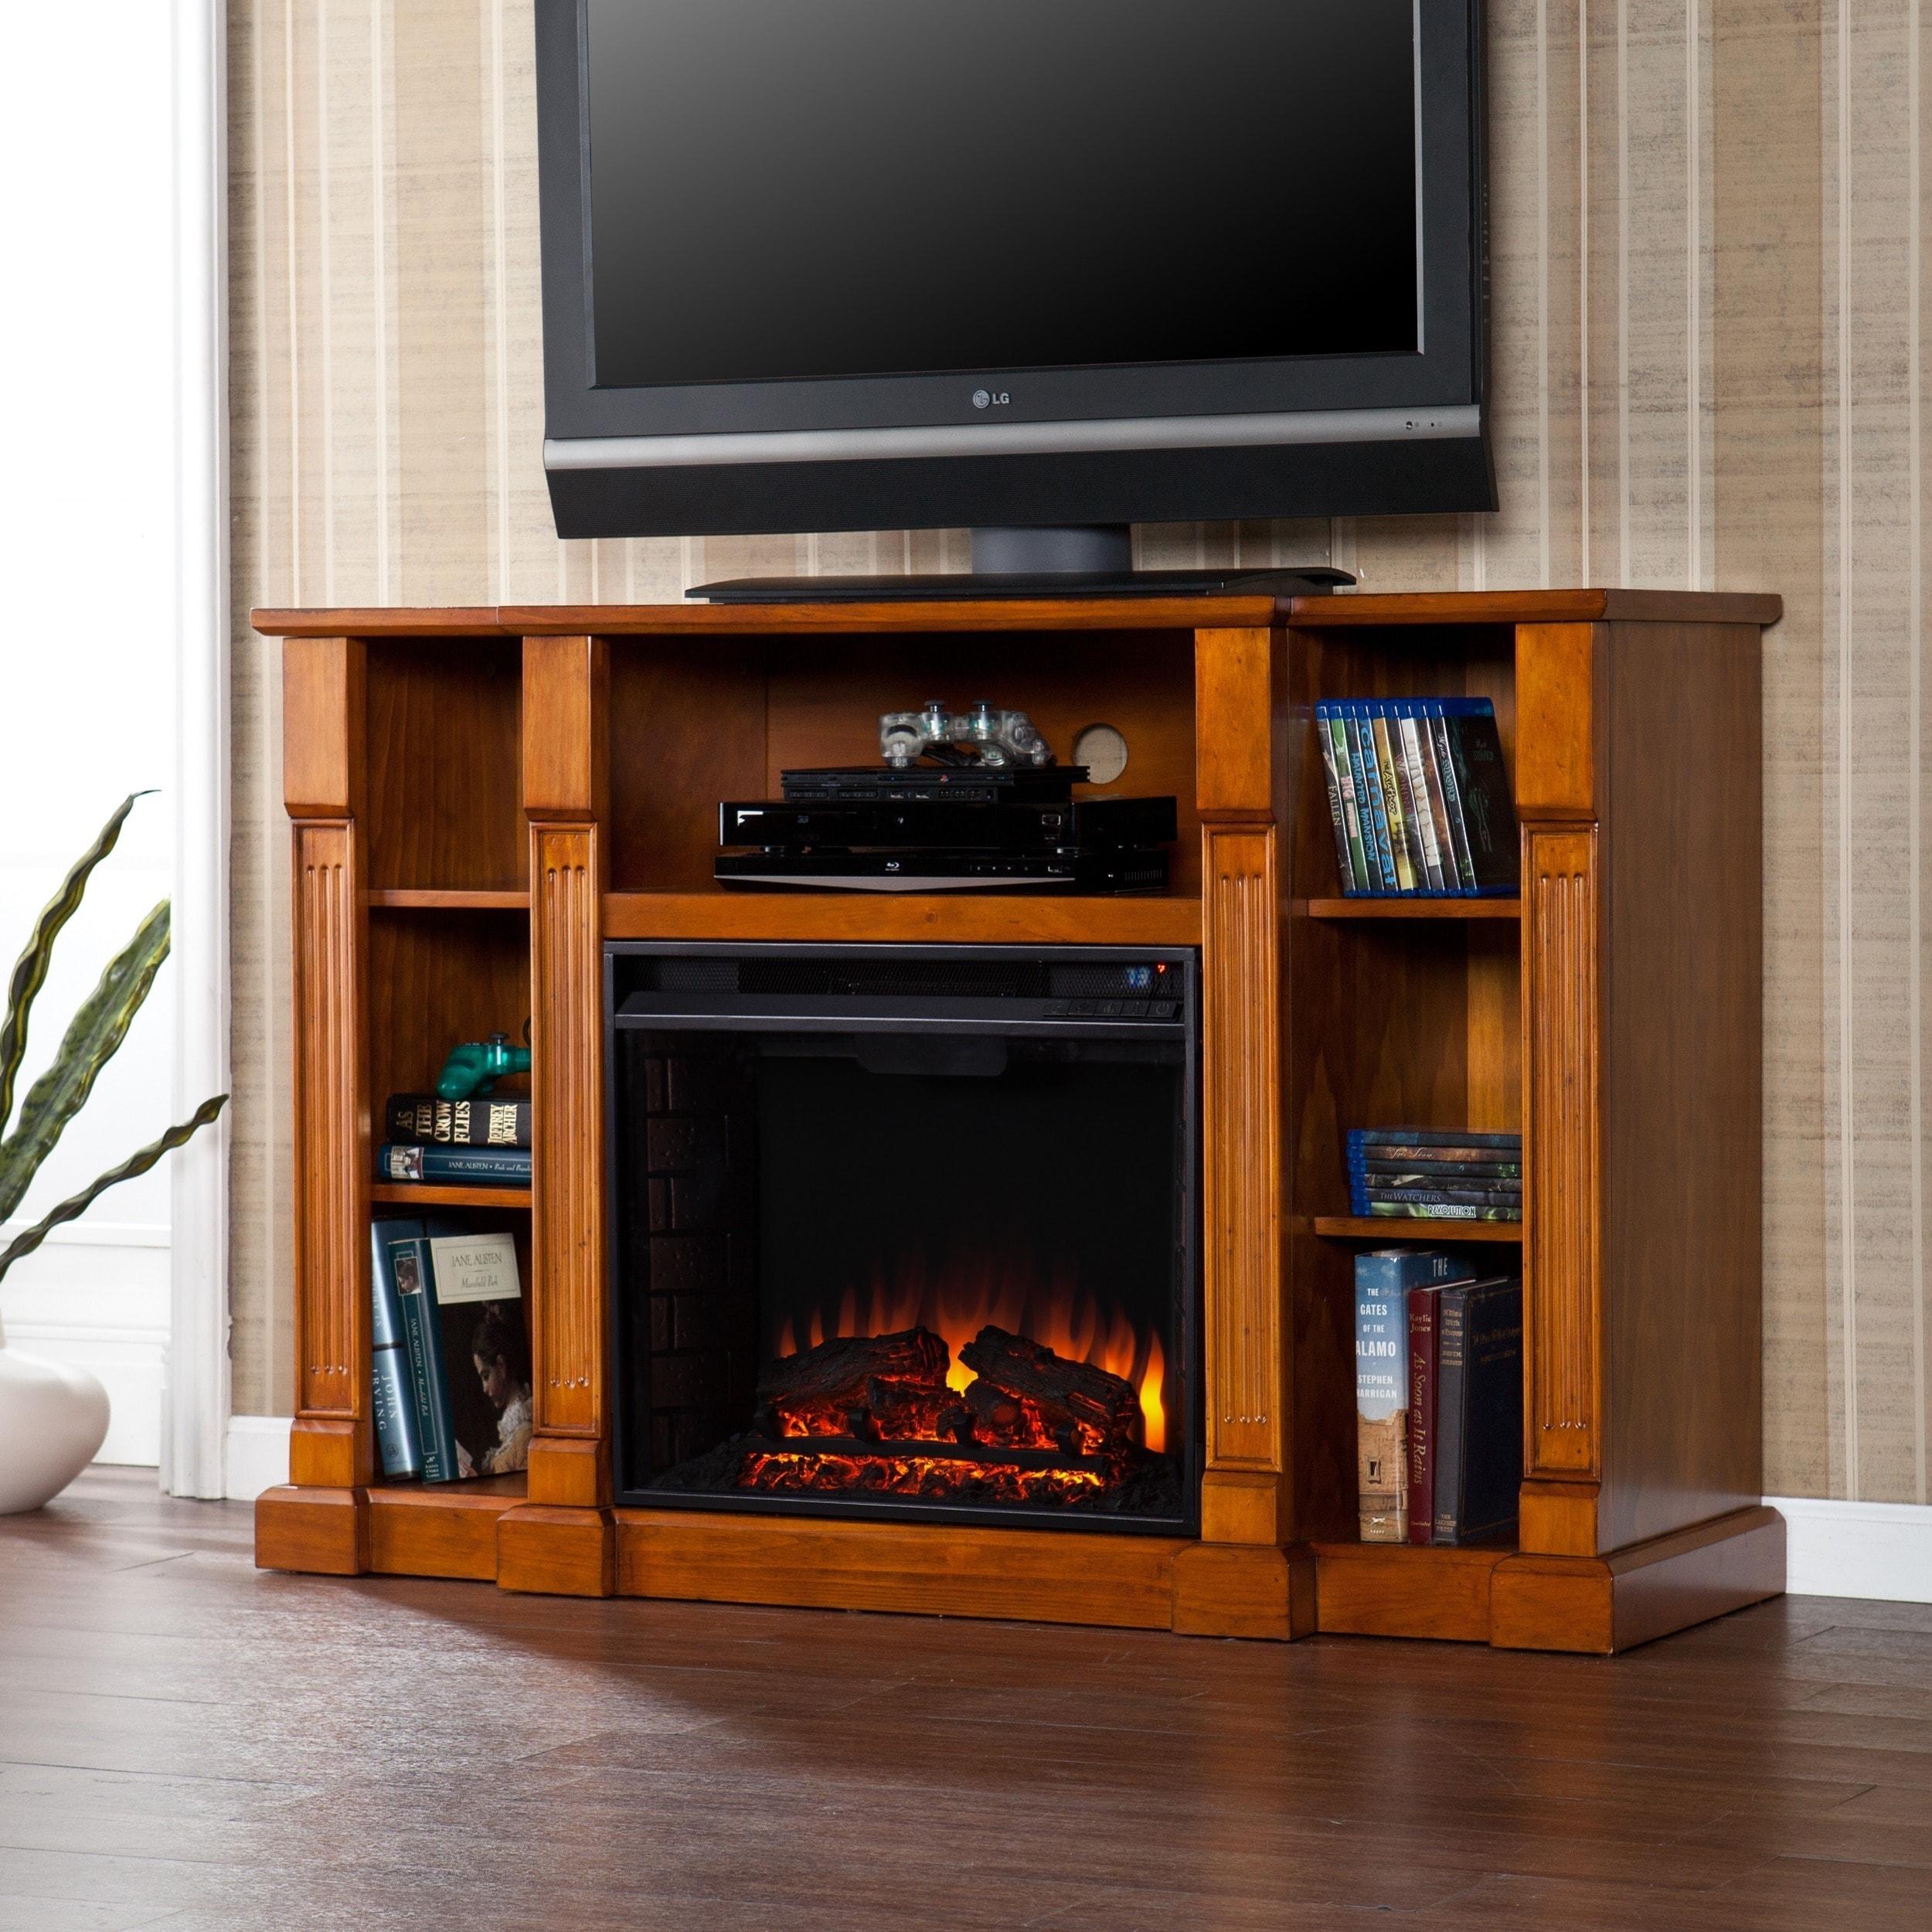 Harper Blvd Bernardo 52-inch Glazed Pine Electric Media Fireplace